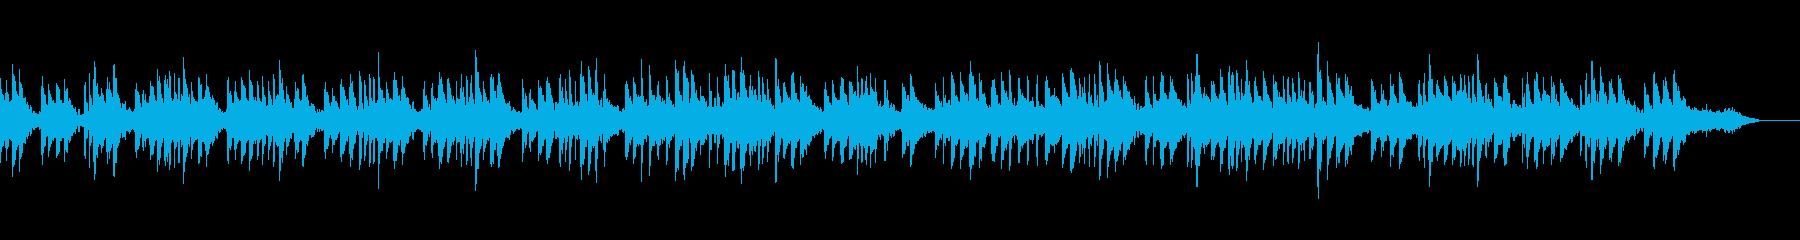 ハープを使ったとても寂しい曲の再生済みの波形